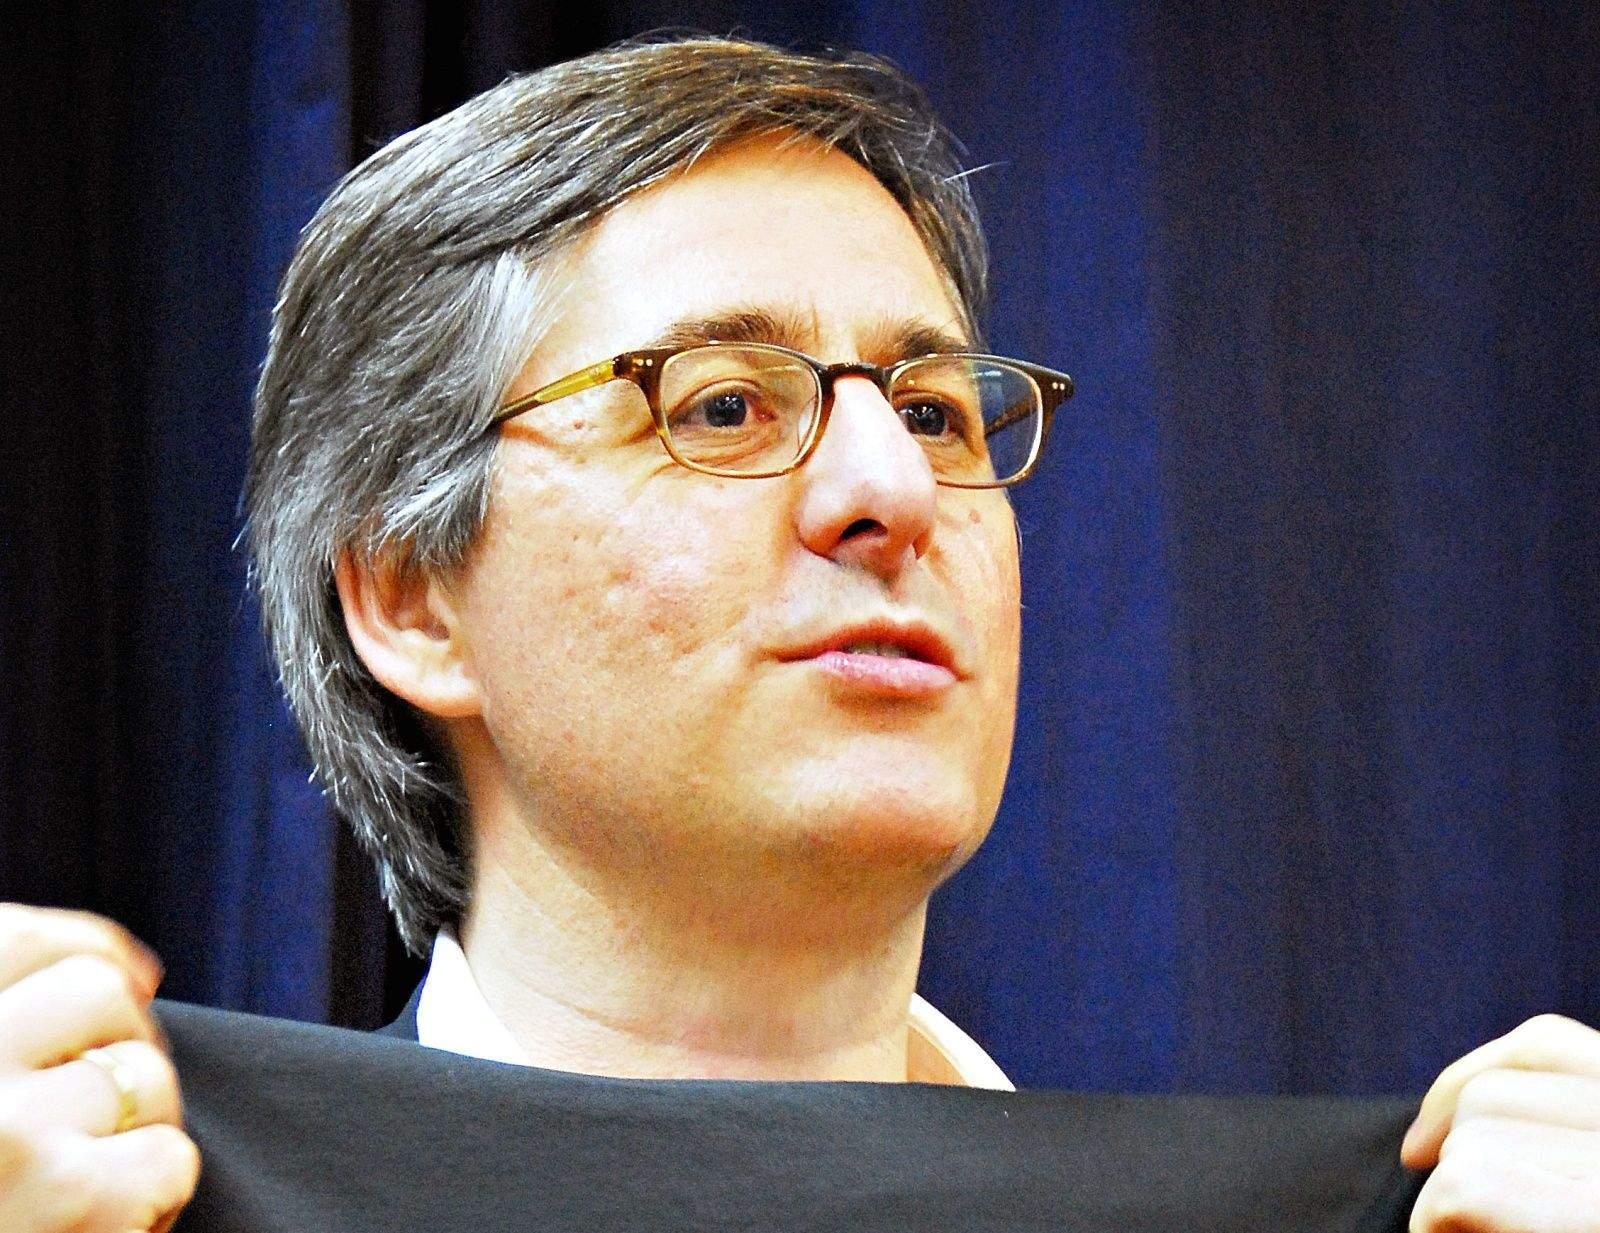 Dan Lyons, aka 'Fake Steve Jobs'. Photo: